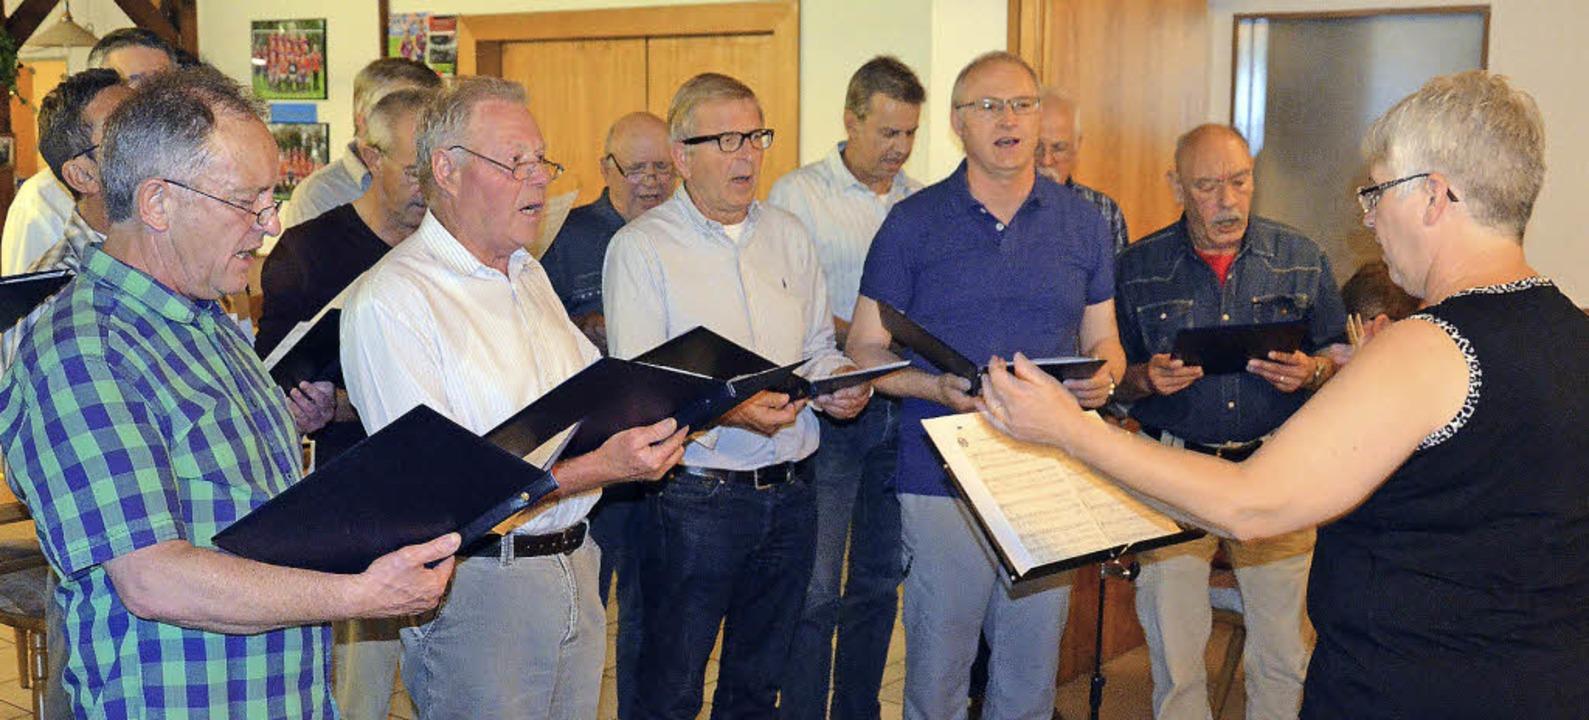 Mit viel Wehmut besangen die Sänger vo...de ihrer 134 Jahre alten  Geschichte.   | Foto: Marco Schopferer